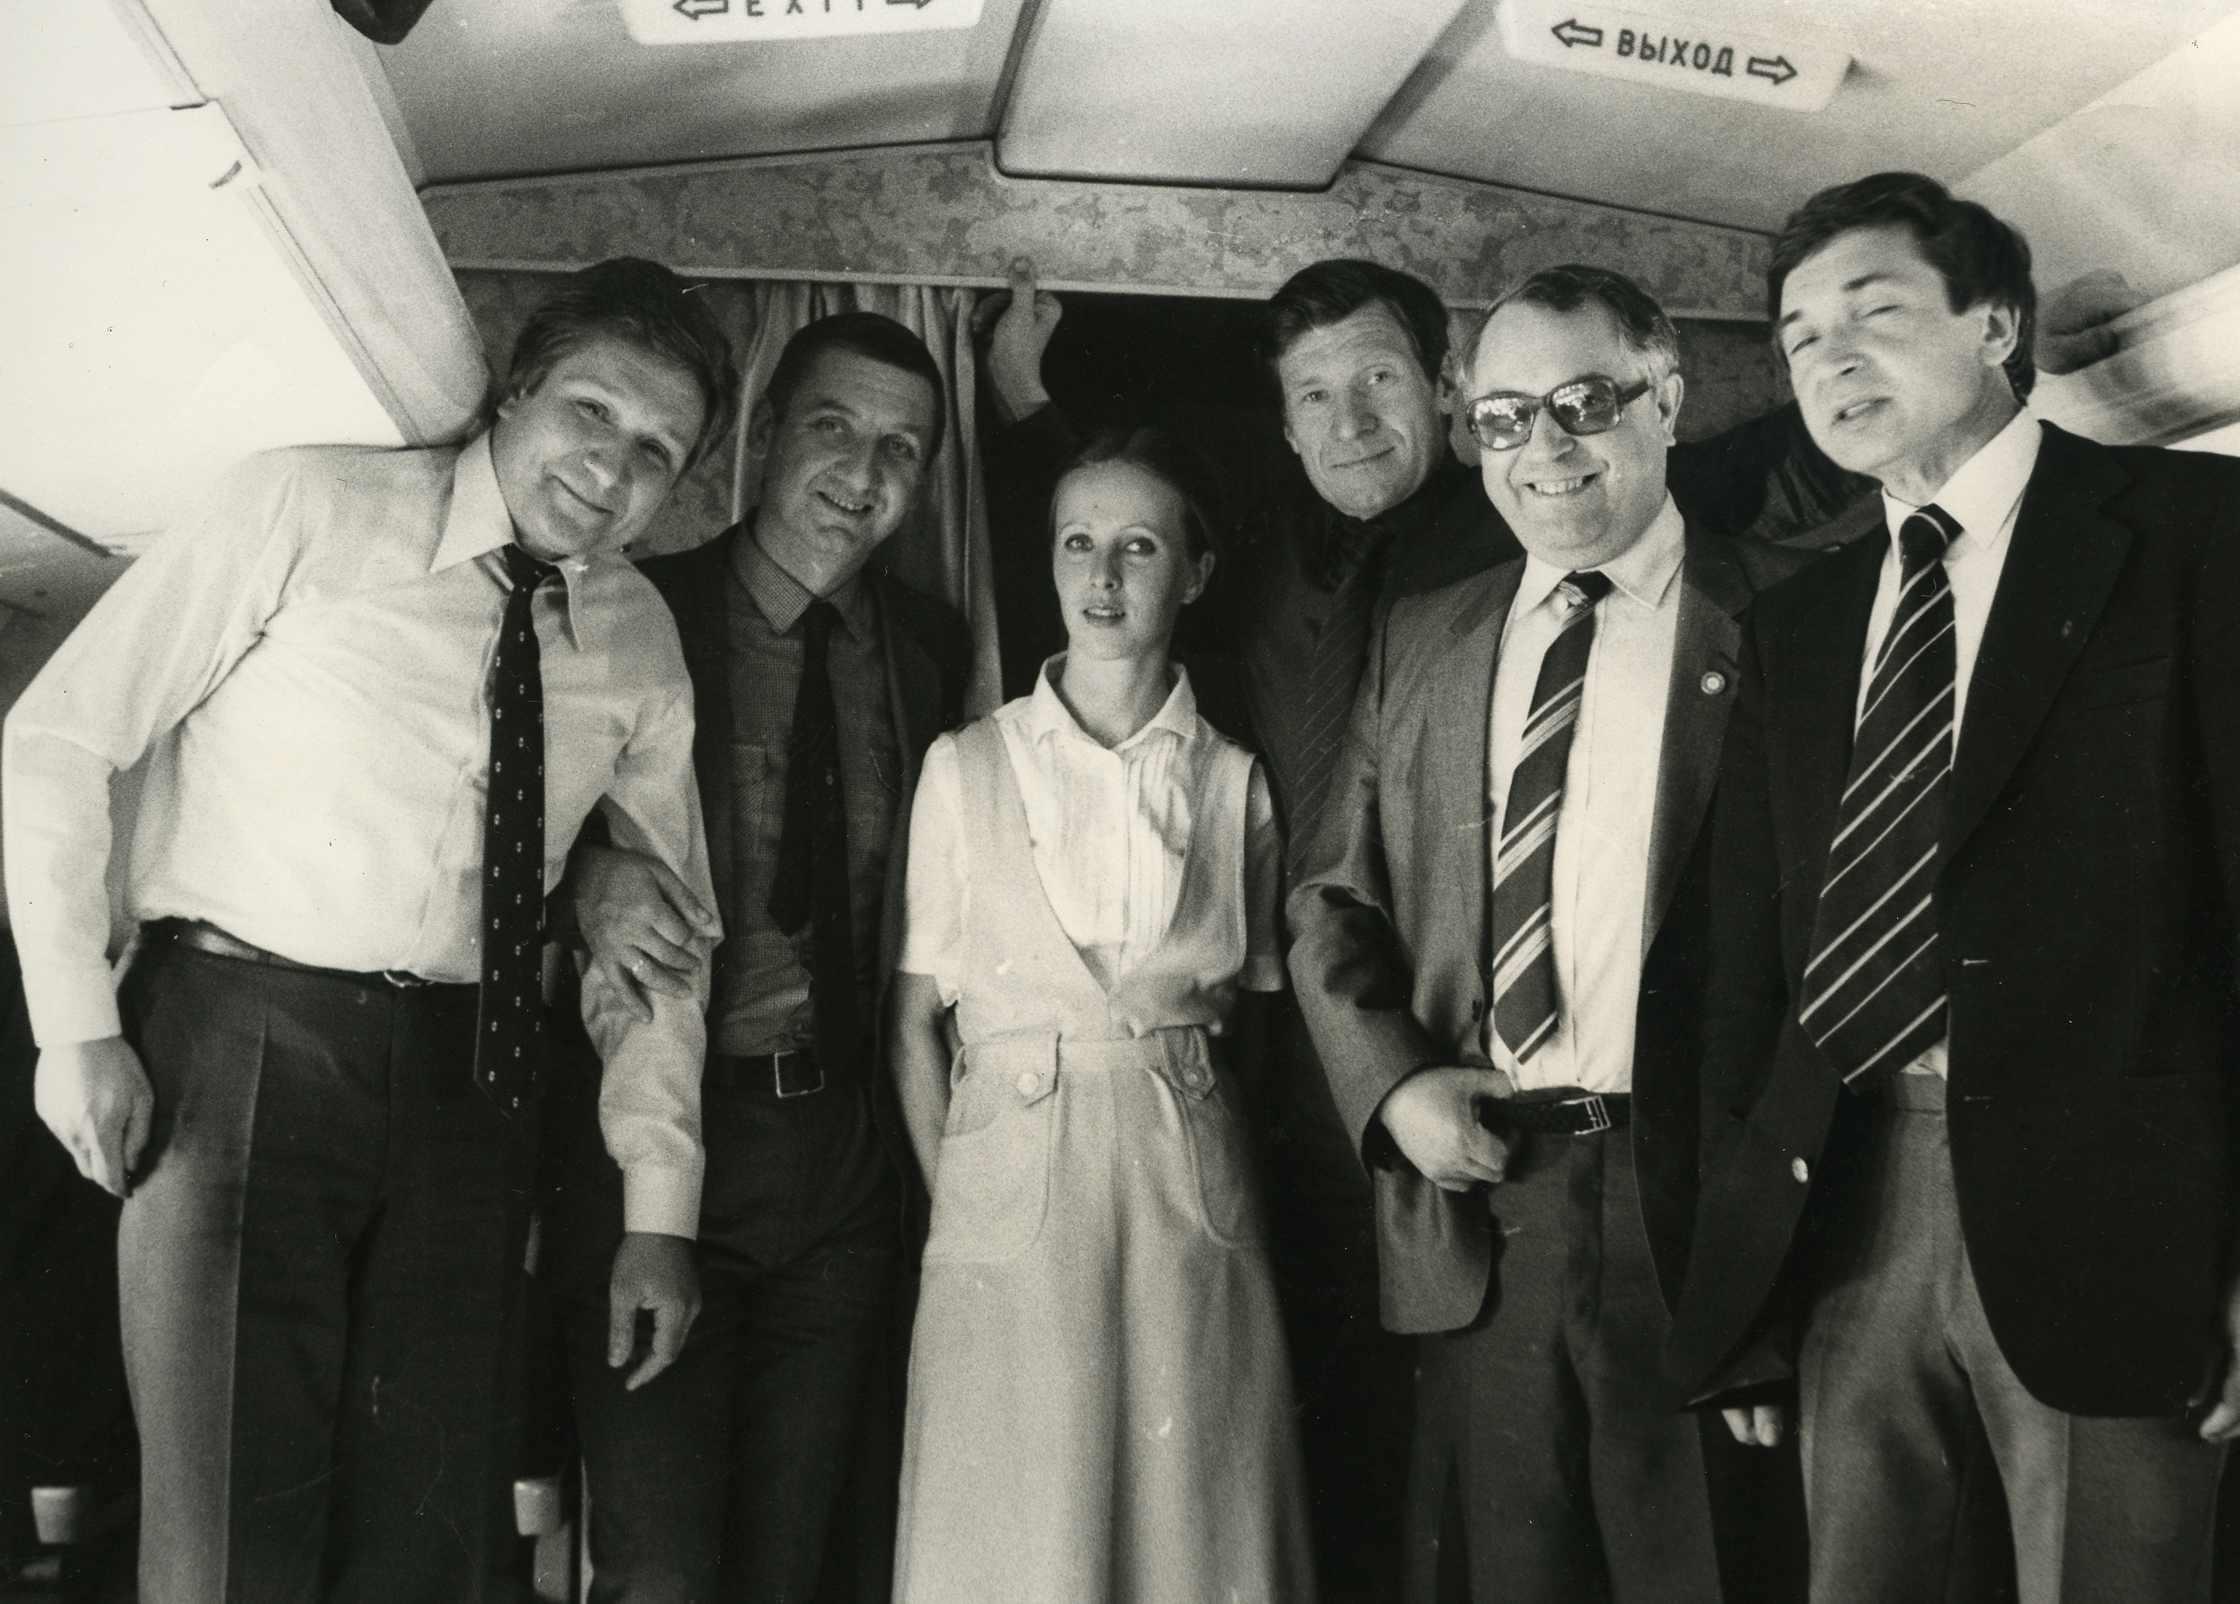 Экспонат #58. Операторы и корреспонденты в салоне самолета. Май 1984 года